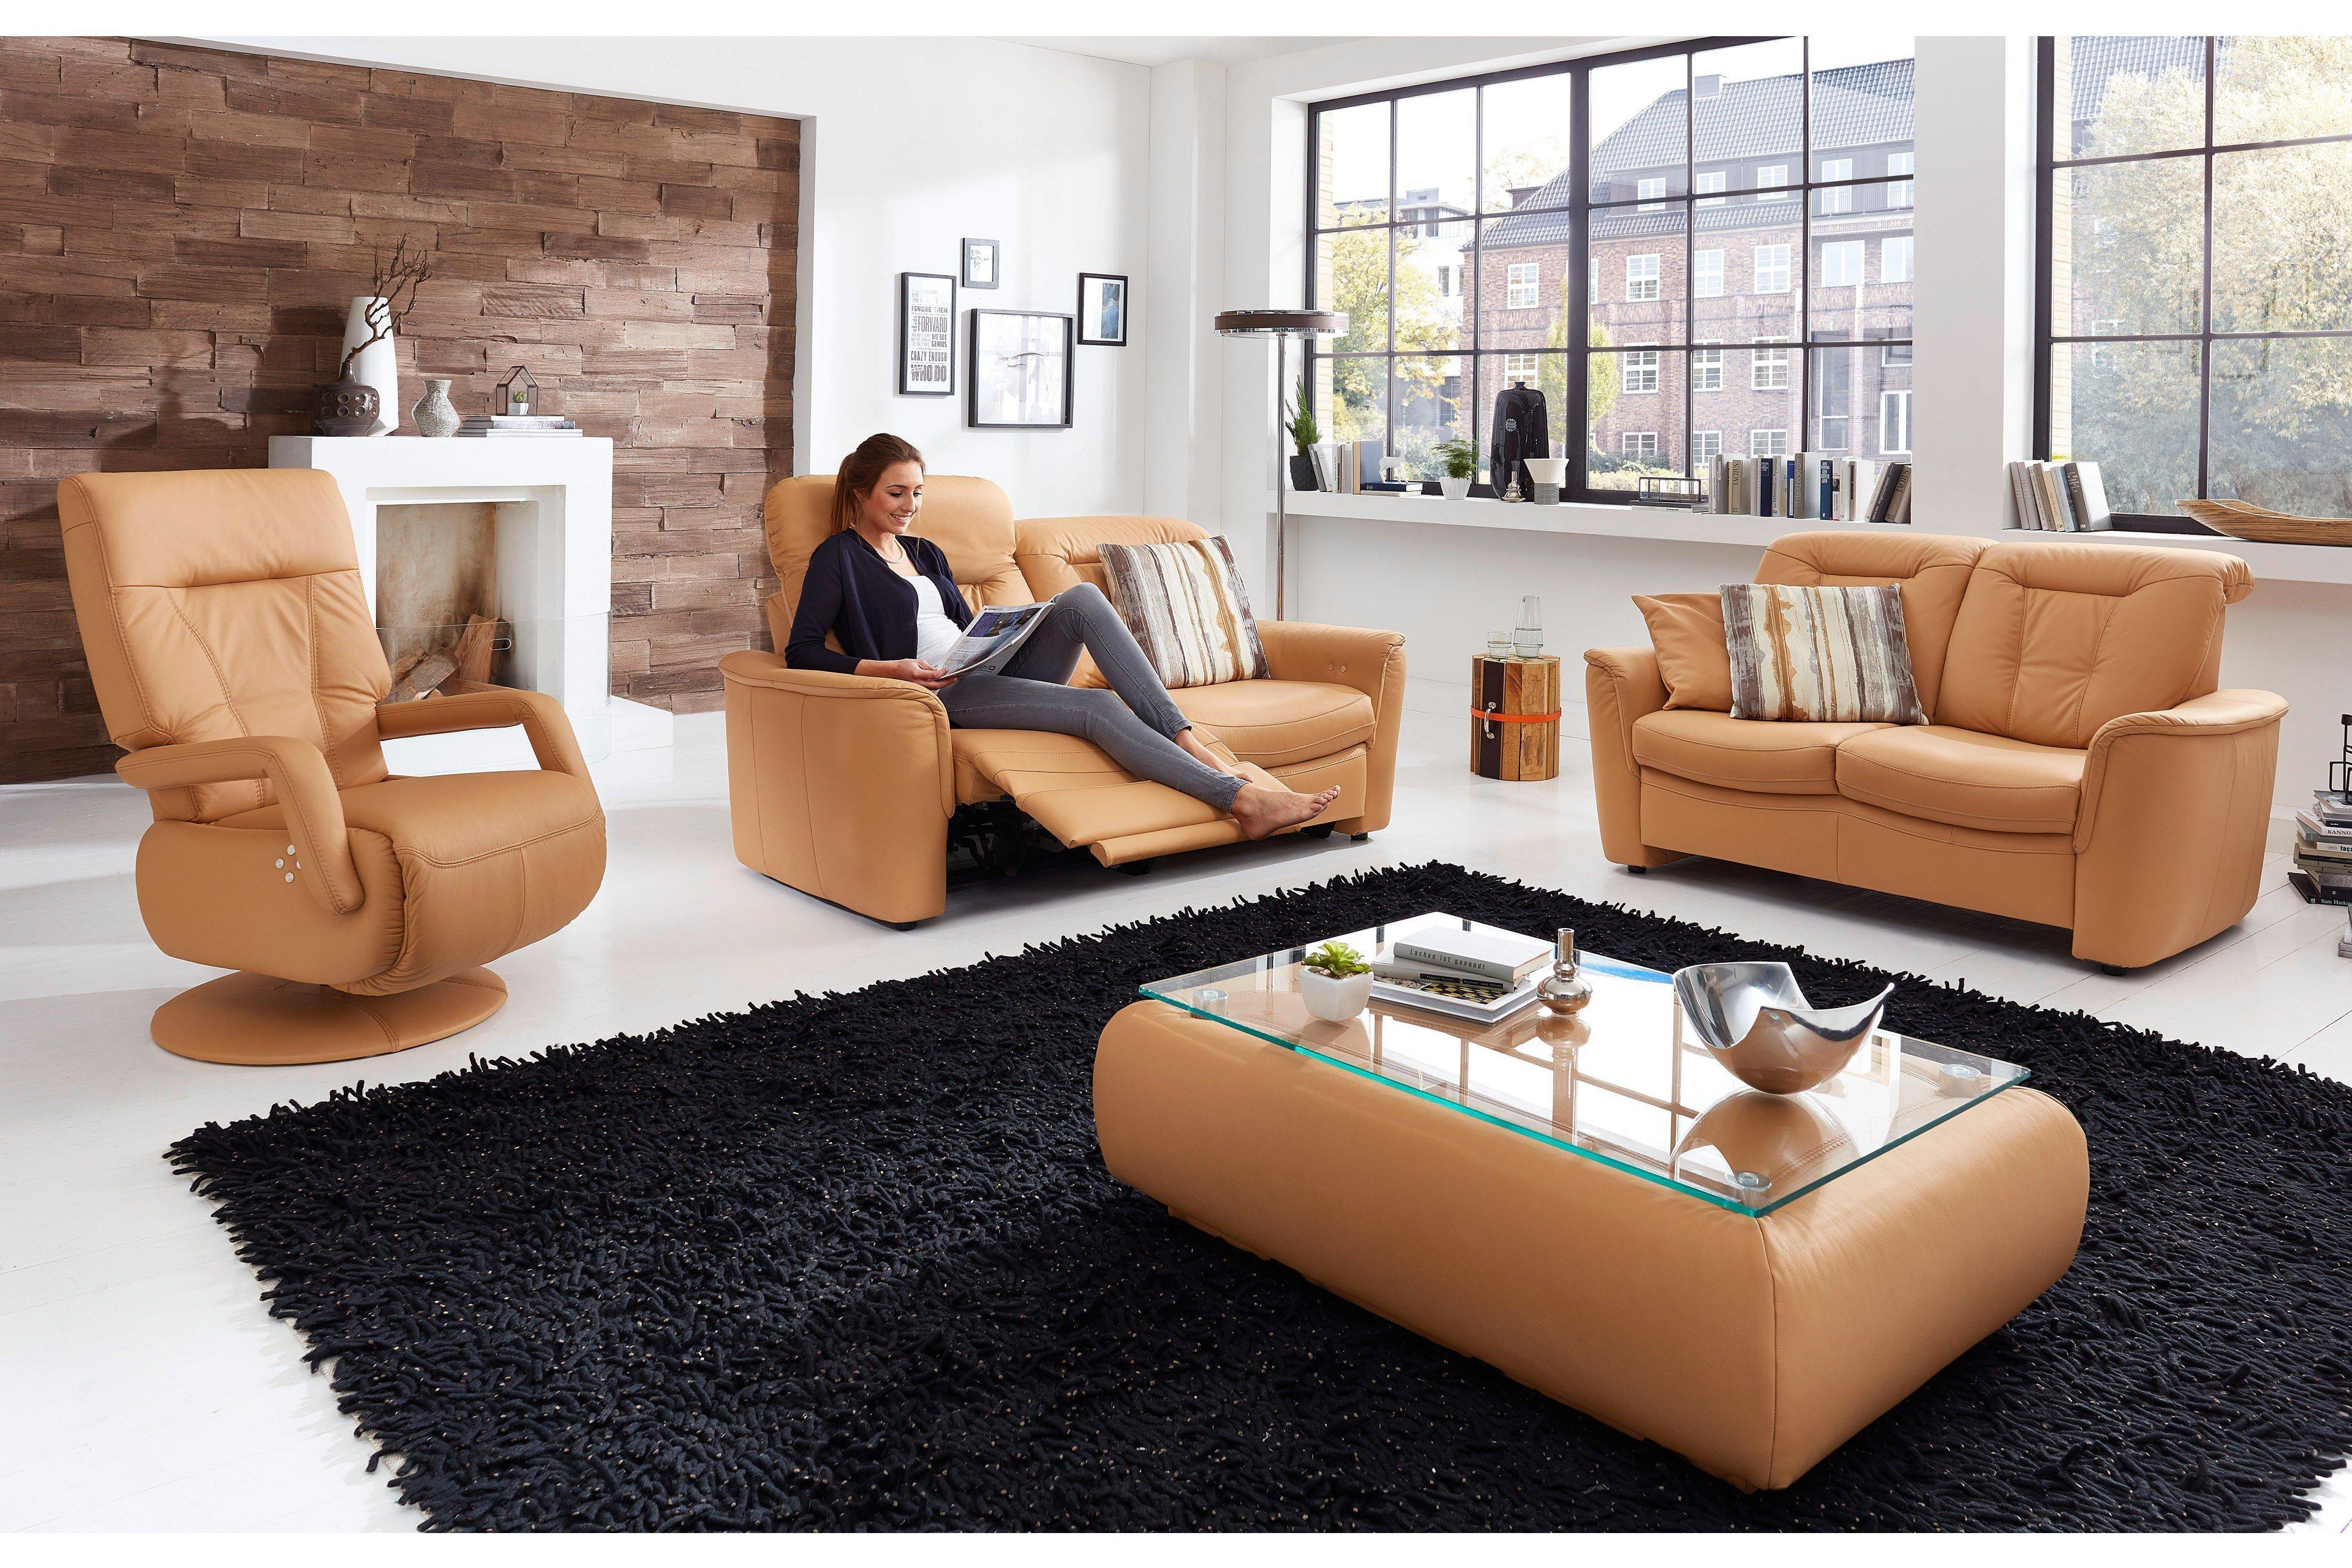 pm oelsa palermo ledergarnitur in apricot m bel letz ihr online shop. Black Bedroom Furniture Sets. Home Design Ideas